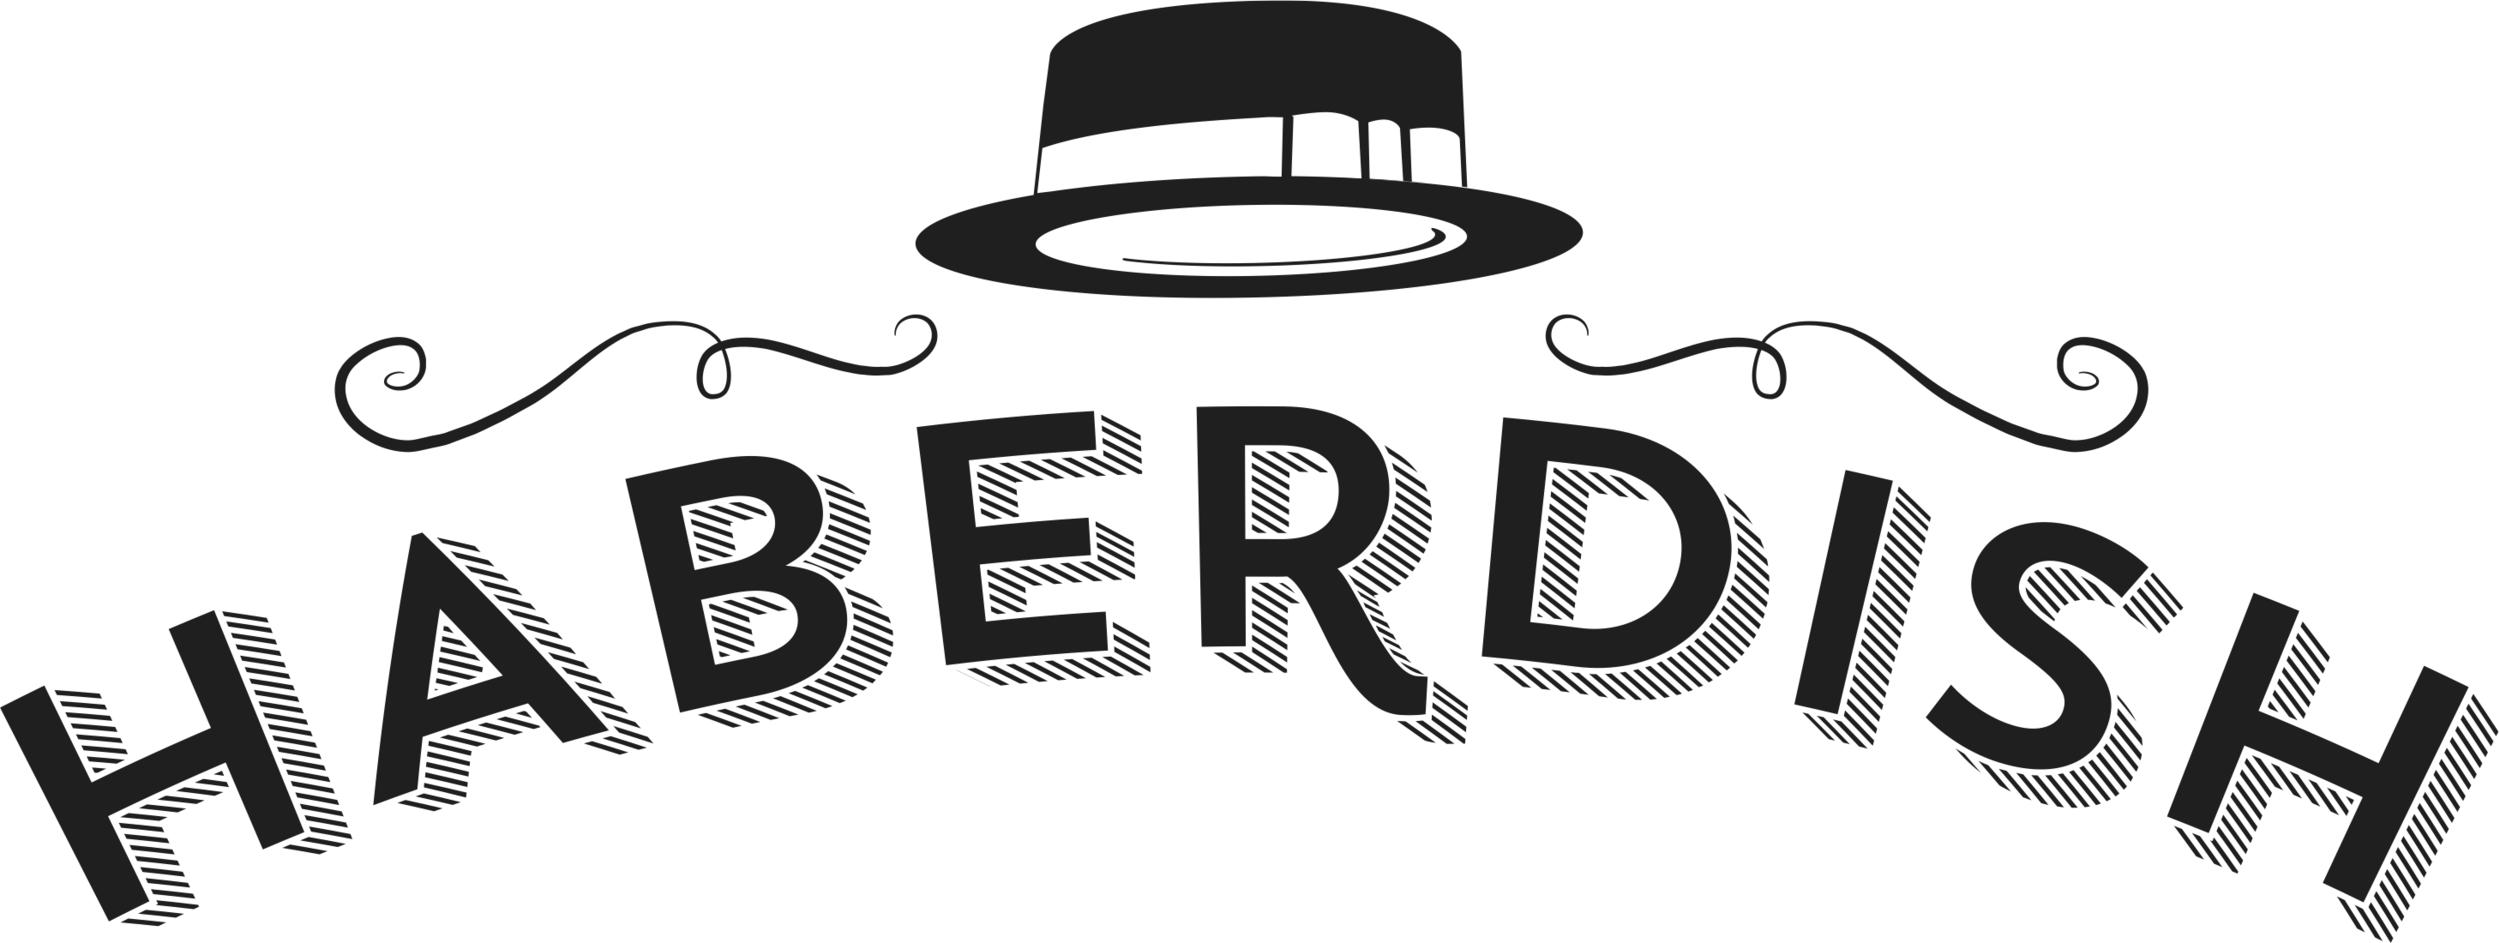 Haberdis logo black final-20% copy.png